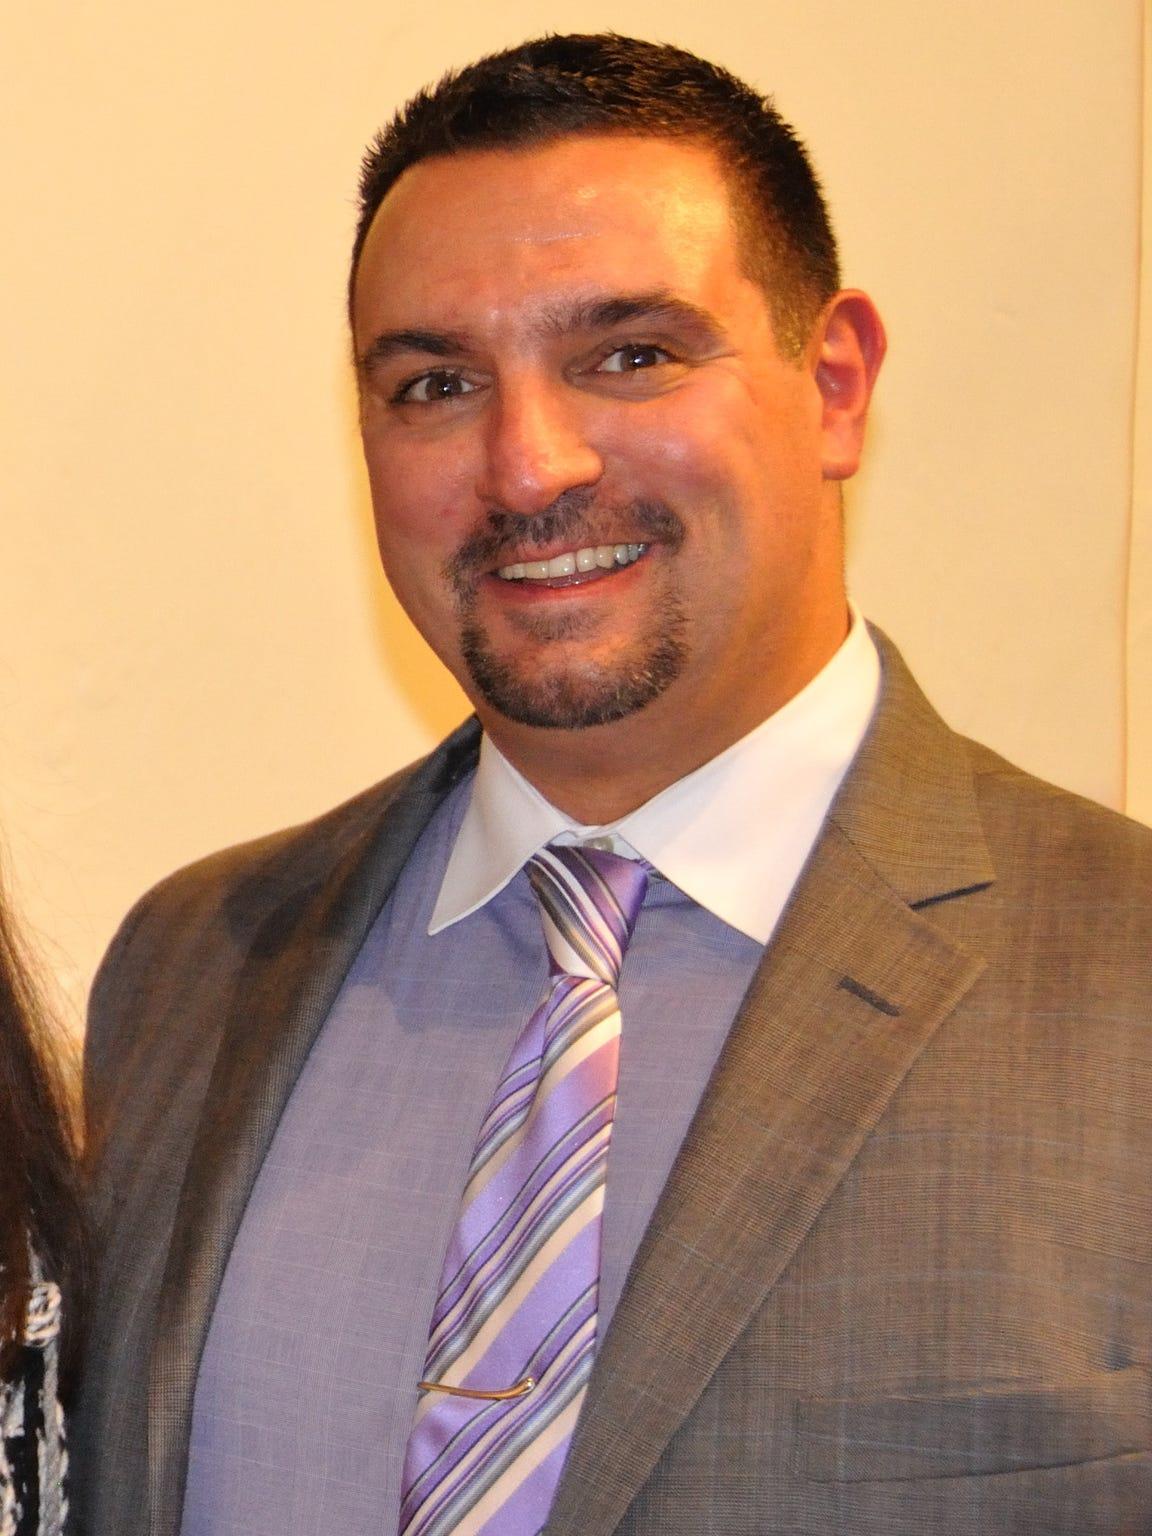 Paul Gileno